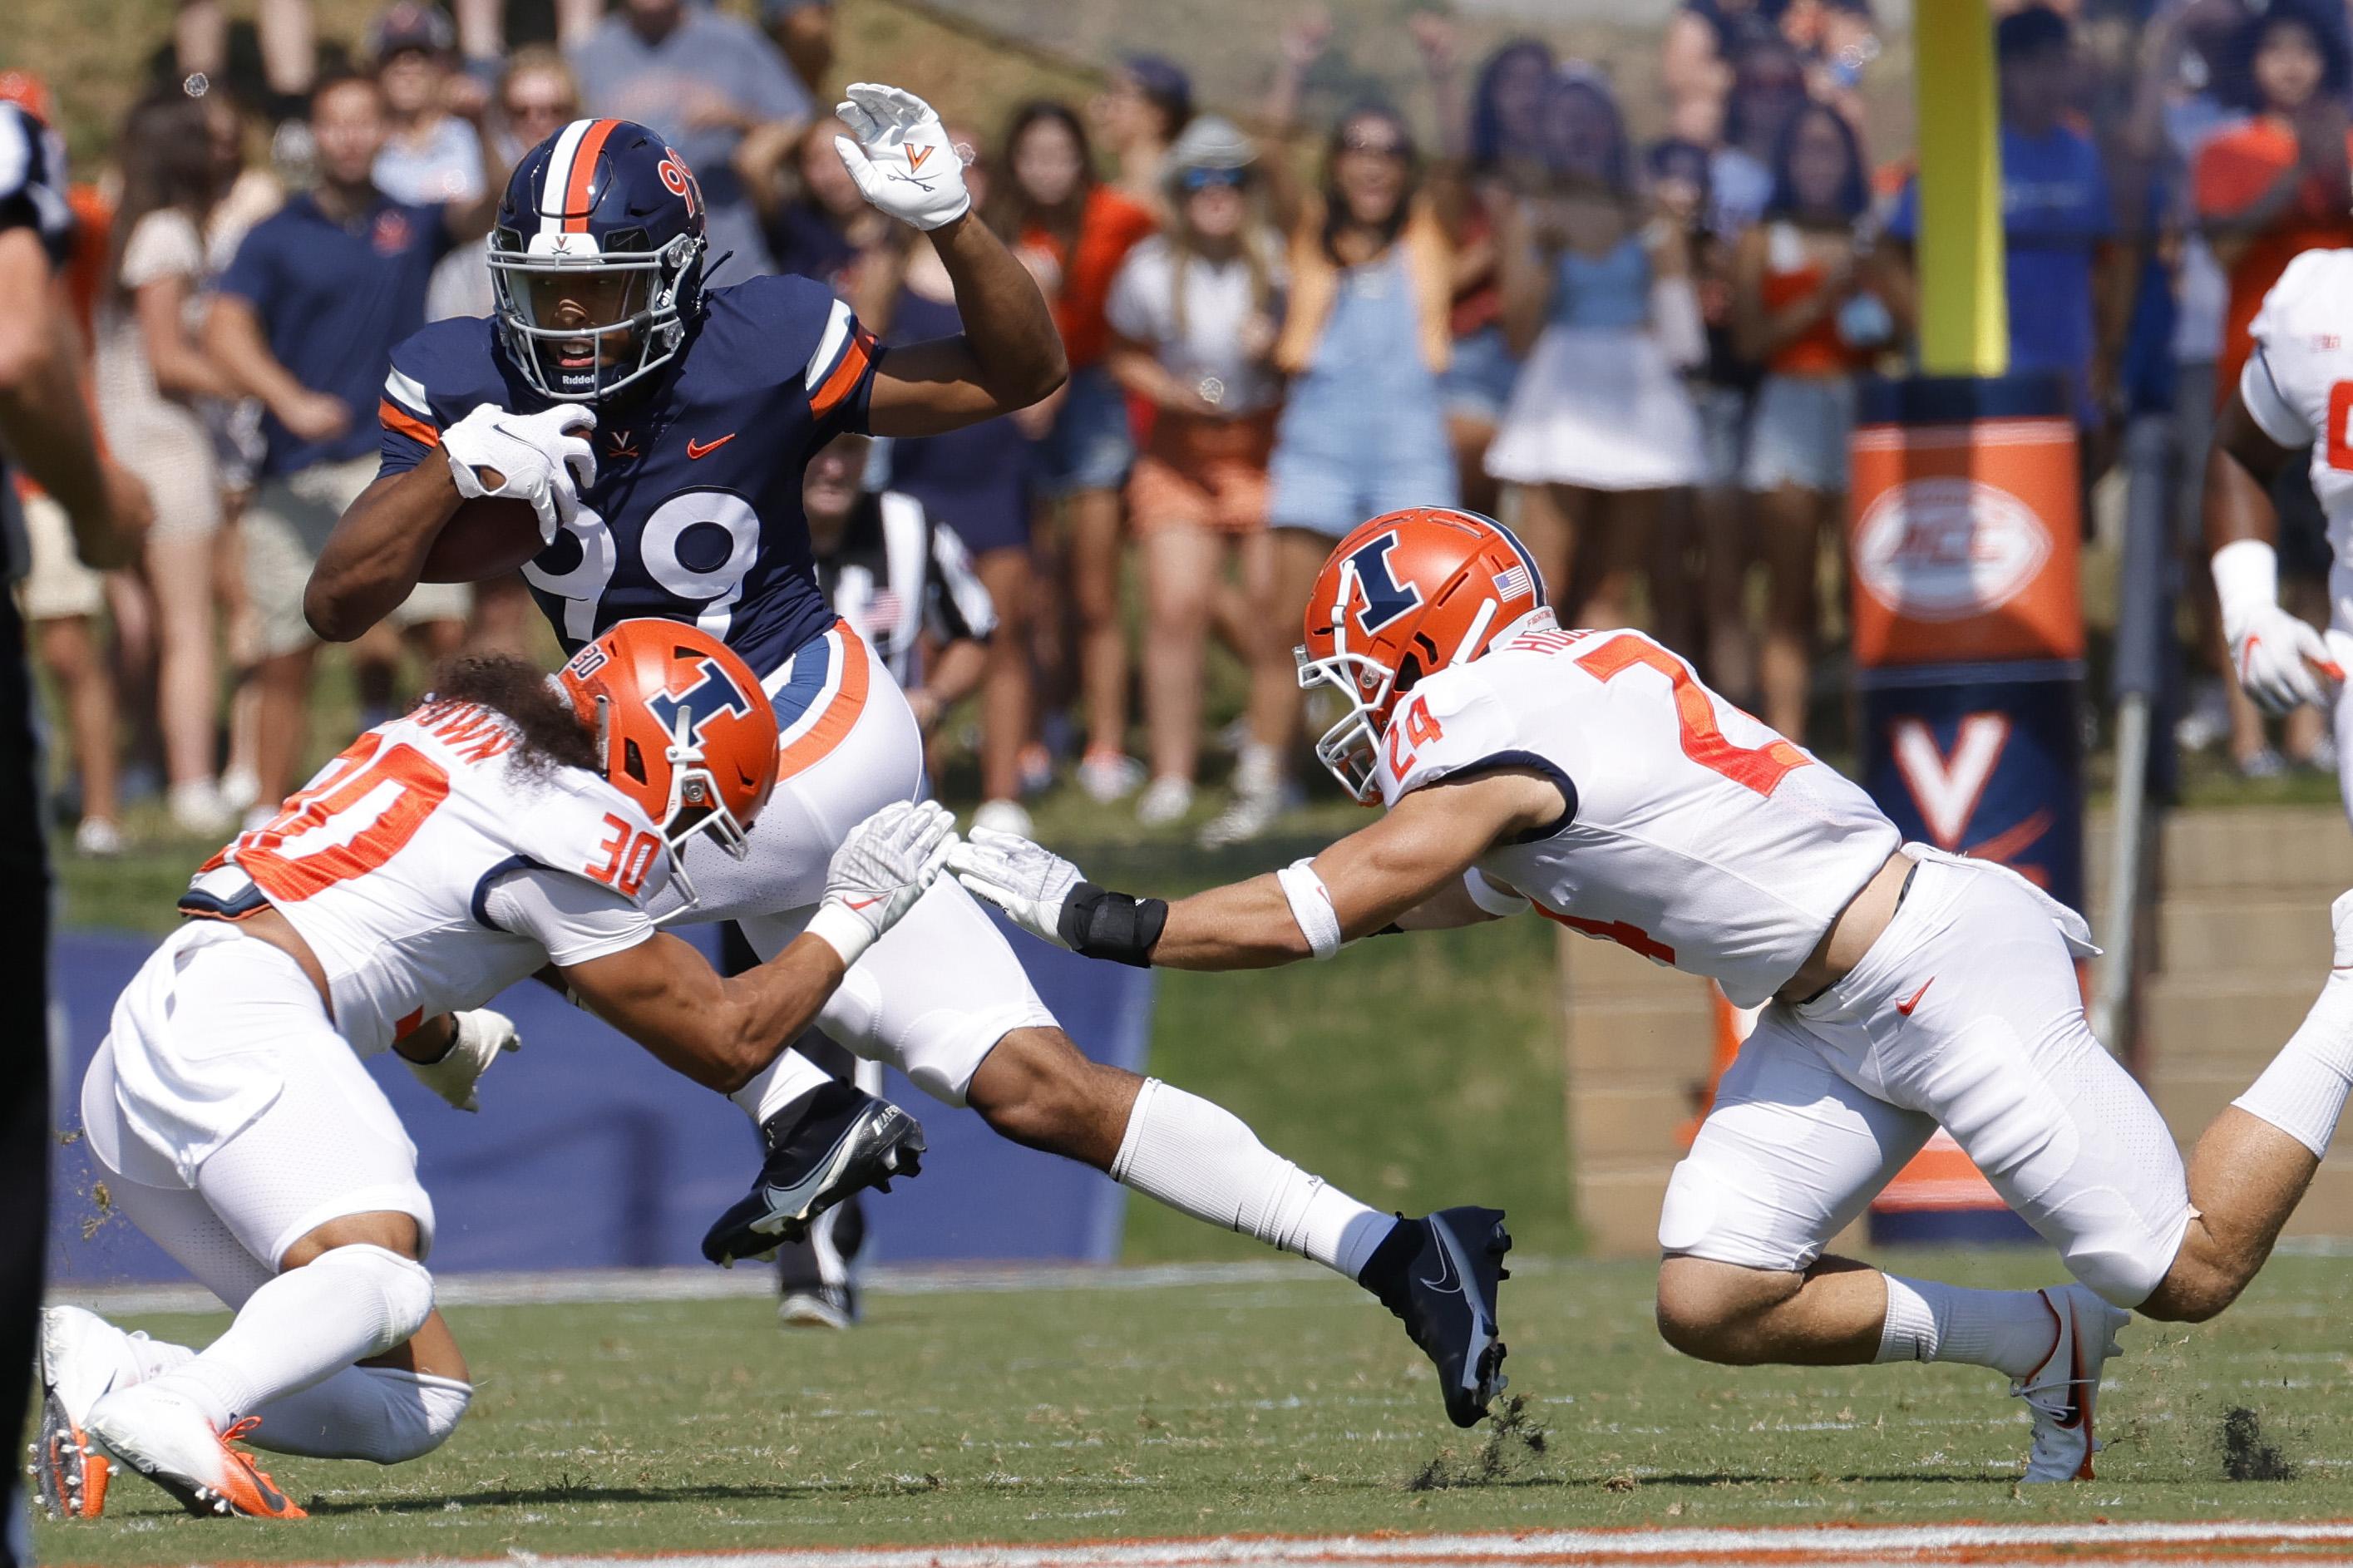 NCAA Football: Illinois at Virginia